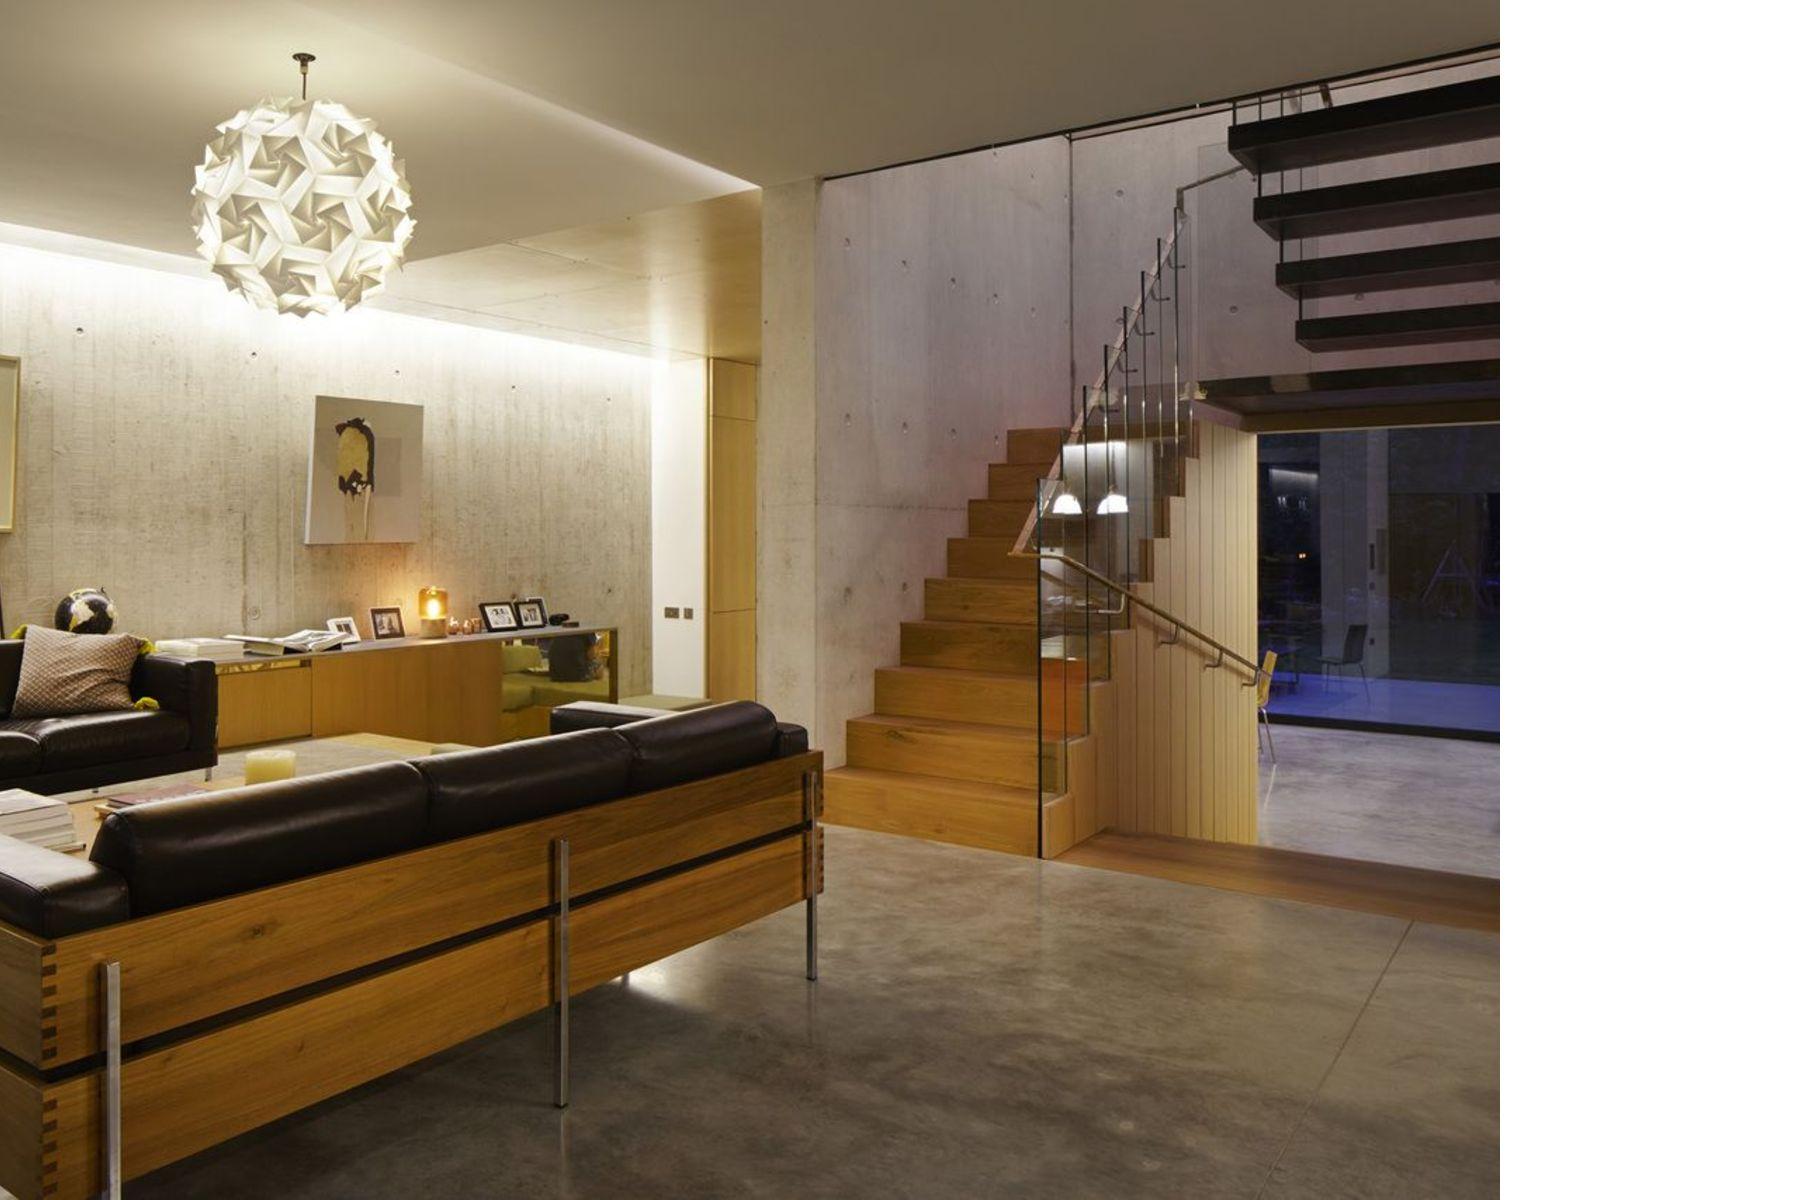 Pear tree house di Edgley Design a Dulwich, Londra